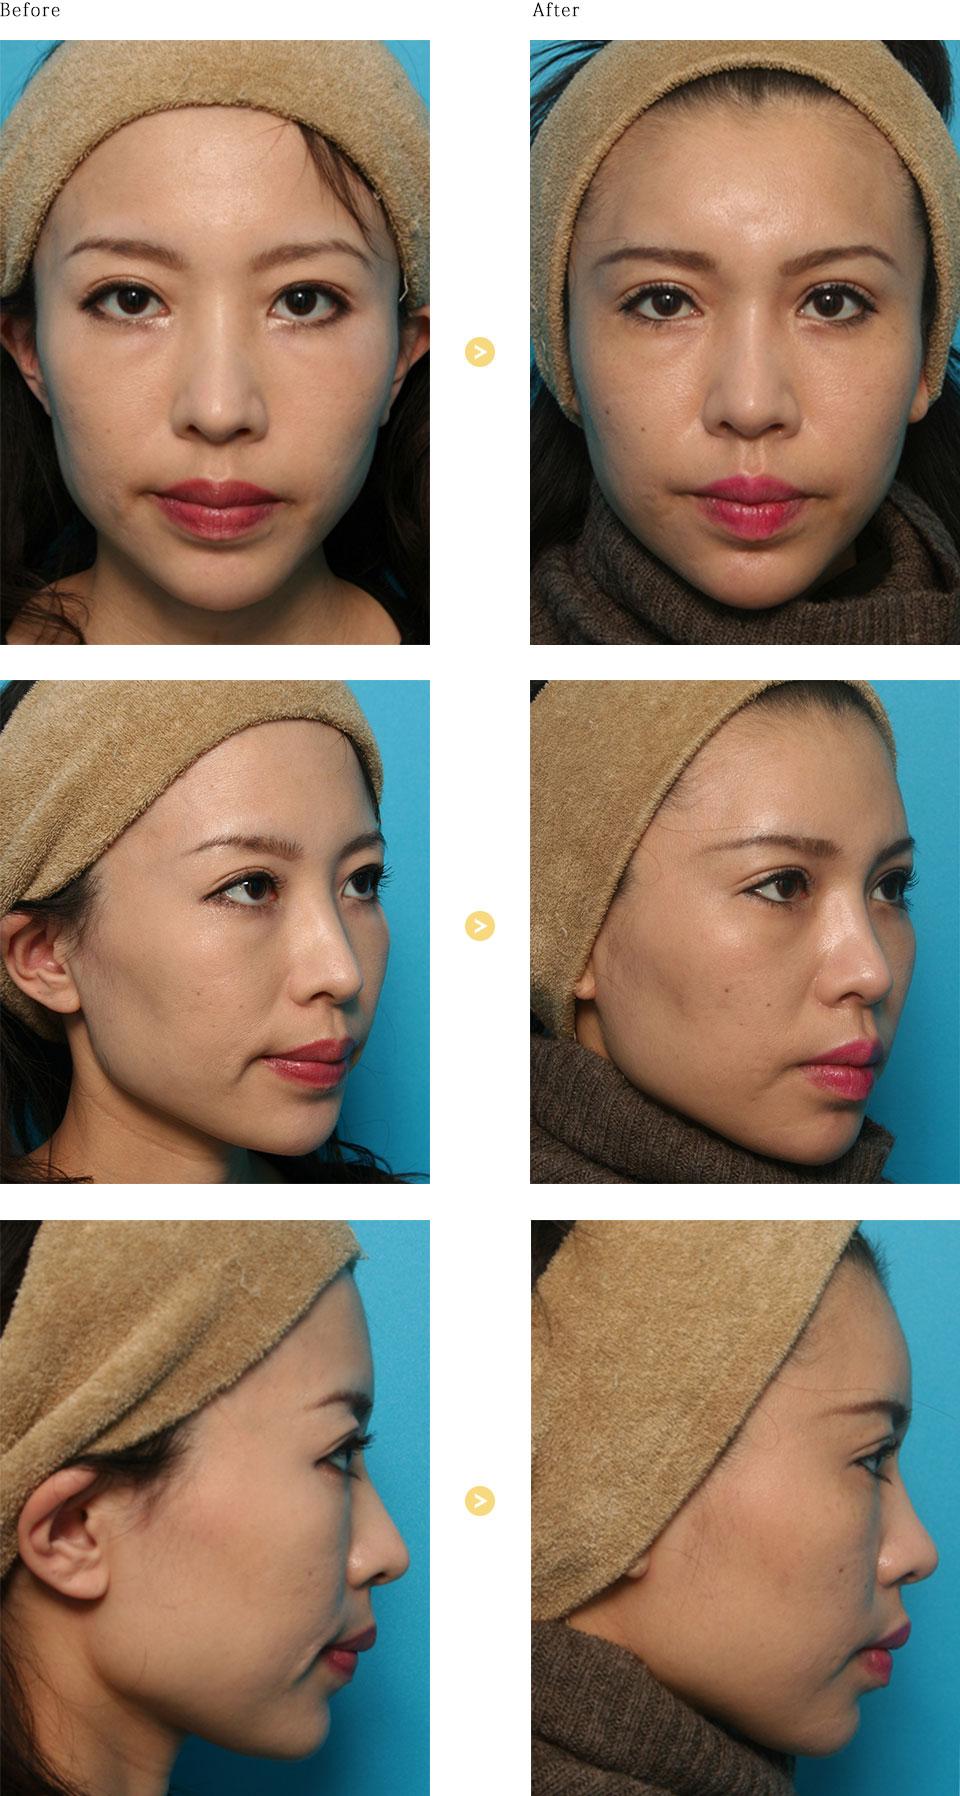 額と鼻のヒアルロン酸注入の症例